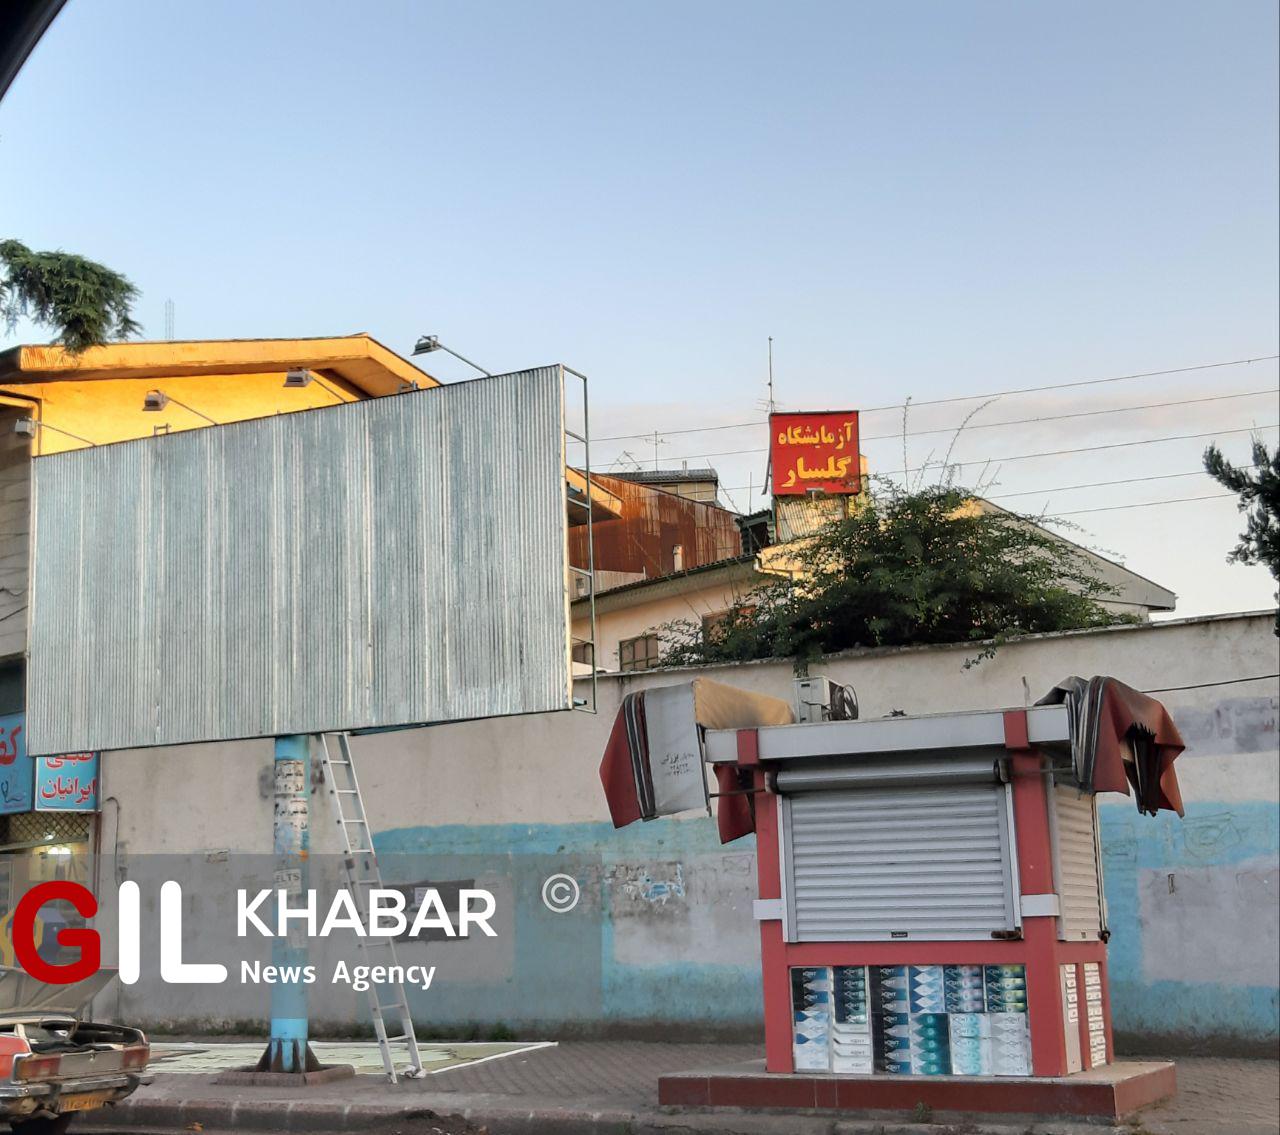 1 2 - جمع آوری بنرهای شصت و ششمین شهردار رشت از میادین شهر+تصاویر